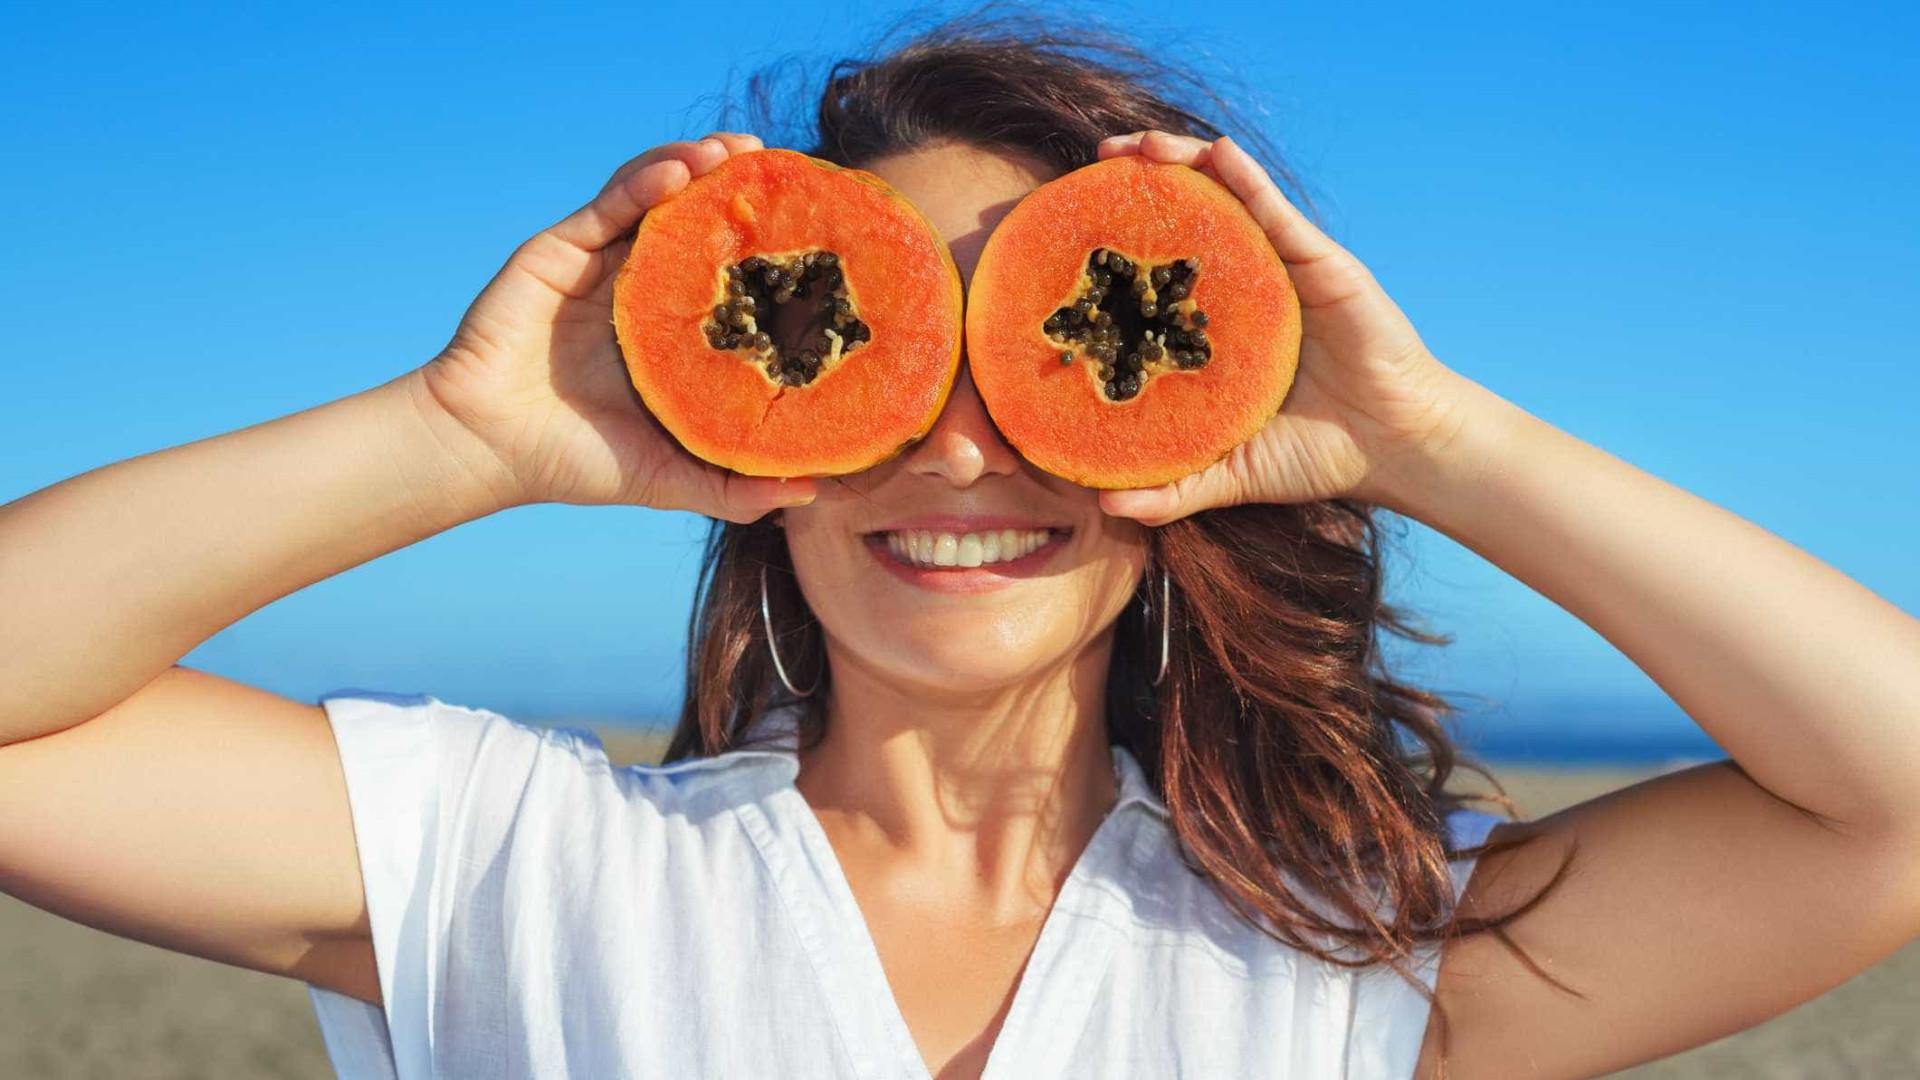 Mamão: Um alimento poderoso rico em antioxidantes